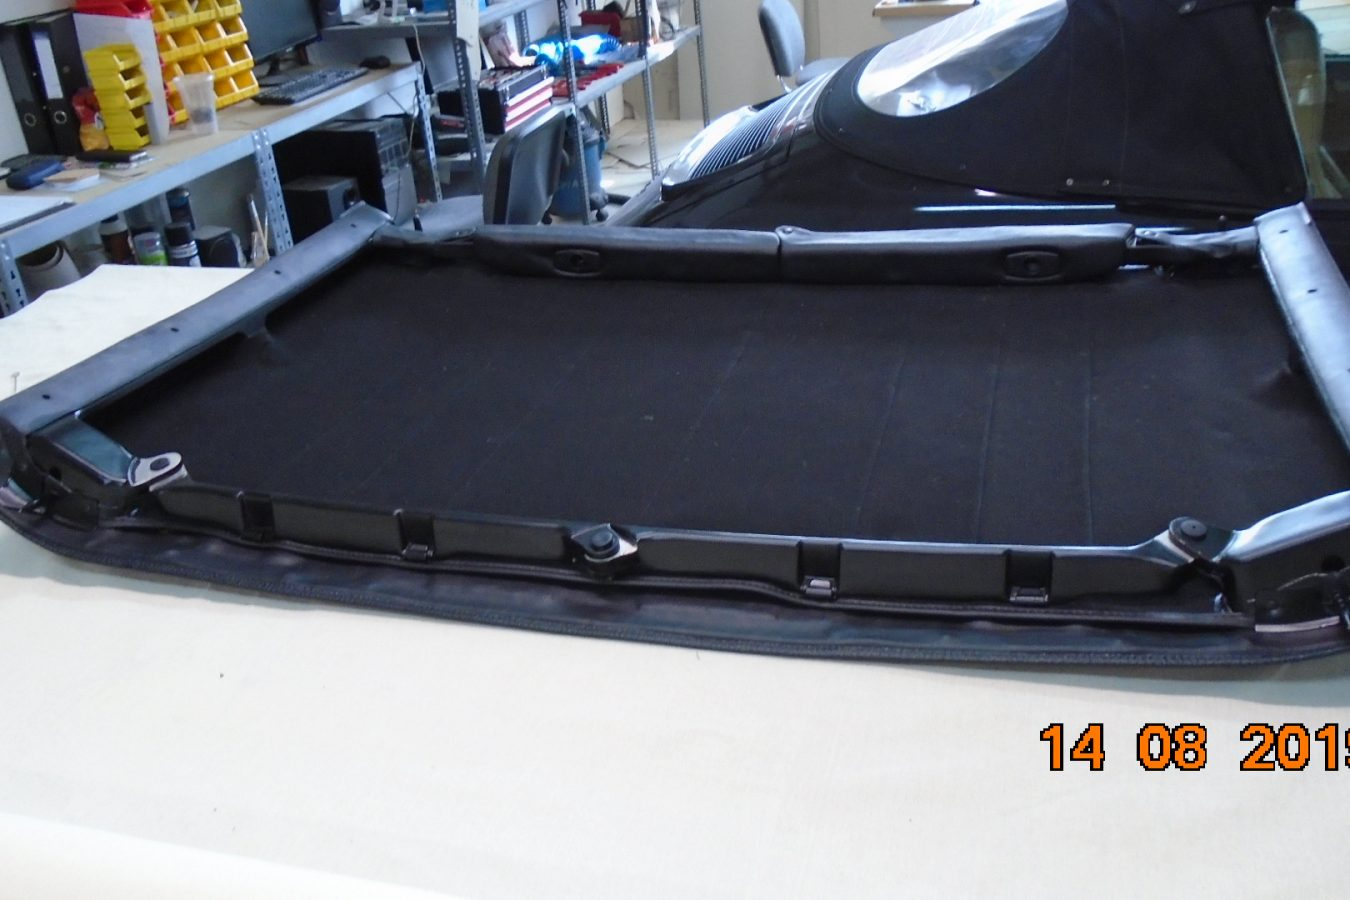 Sepiabraun 911 Targa aus 1969 27